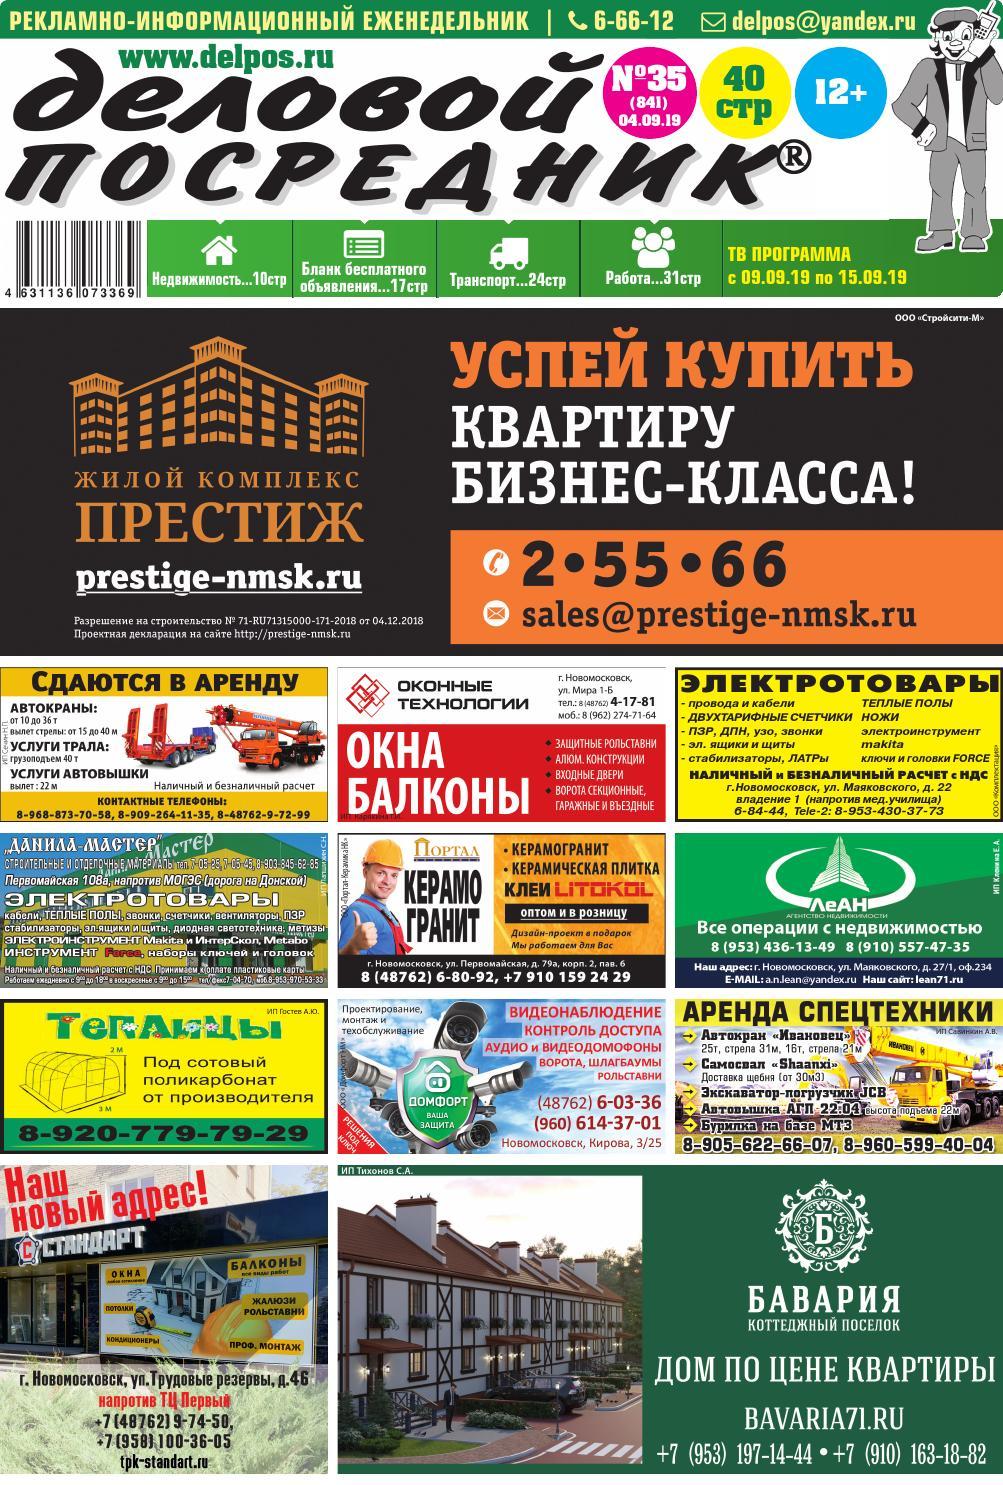 Программа молодая семья 2020 волгоградская область